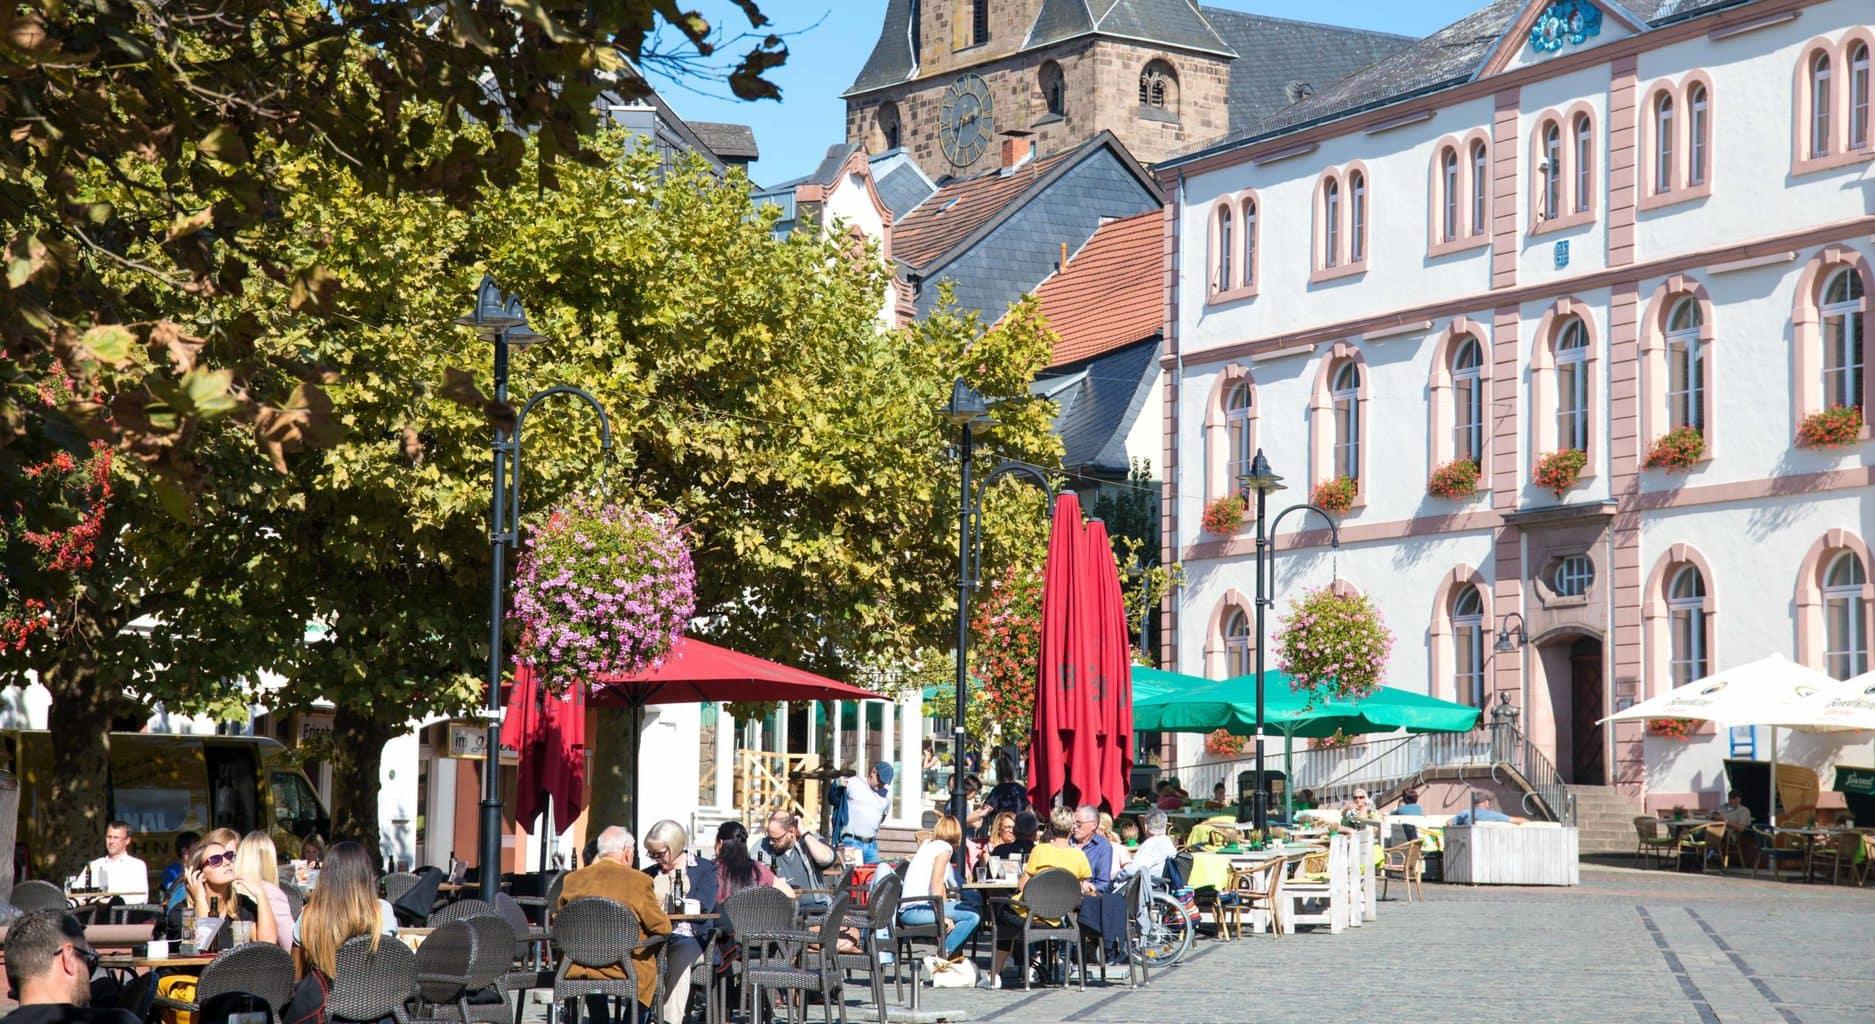 De oude stad van Sankt Wendel is leuk voor een pause tijdens het fietsen door het Saarland